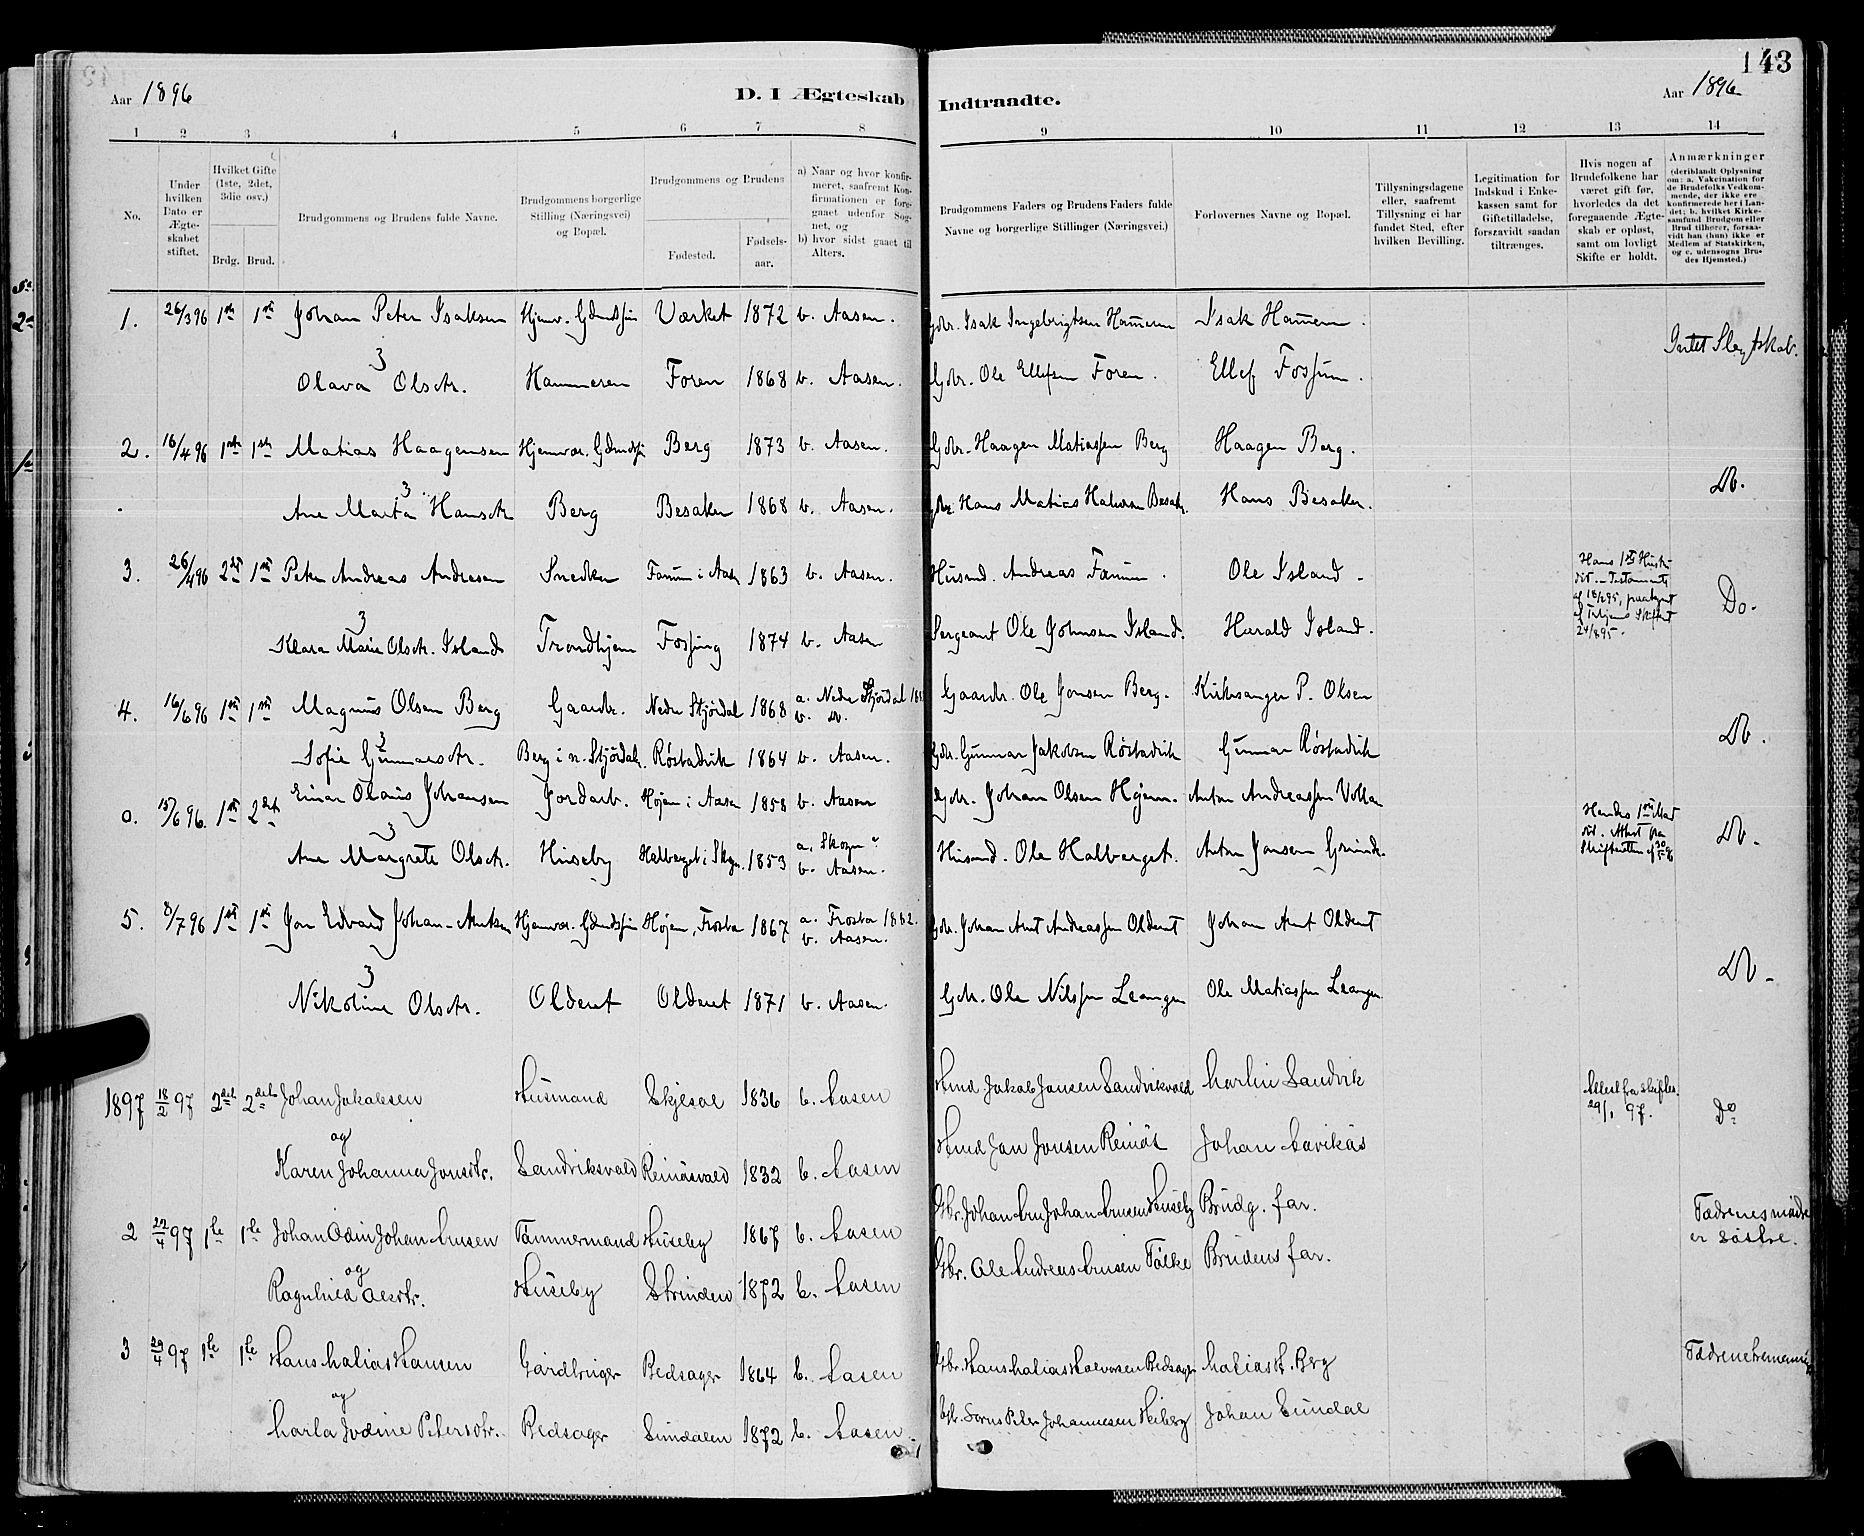 SAT, Ministerialprotokoller, klokkerbøker og fødselsregistre - Nord-Trøndelag, 714/L0134: Klokkerbok nr. 714C03, 1878-1898, s. 143